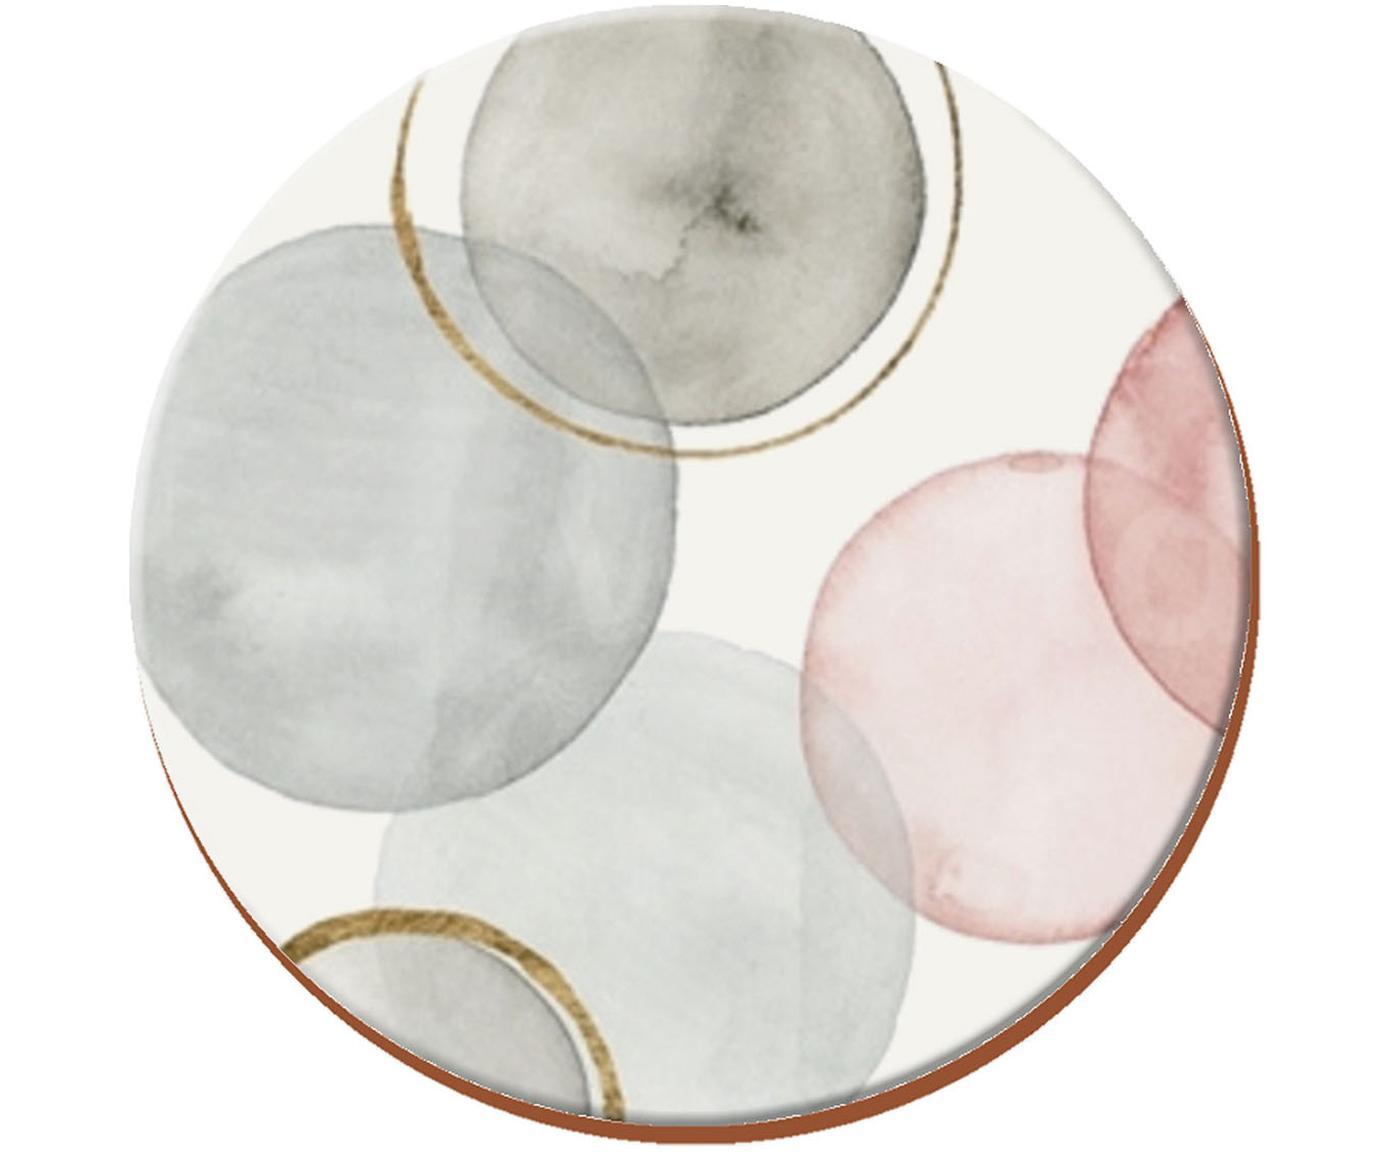 Podstawka Gilded Spheres, 4 szt., Korek, Biały, szary, różowy, Ø 12 cm